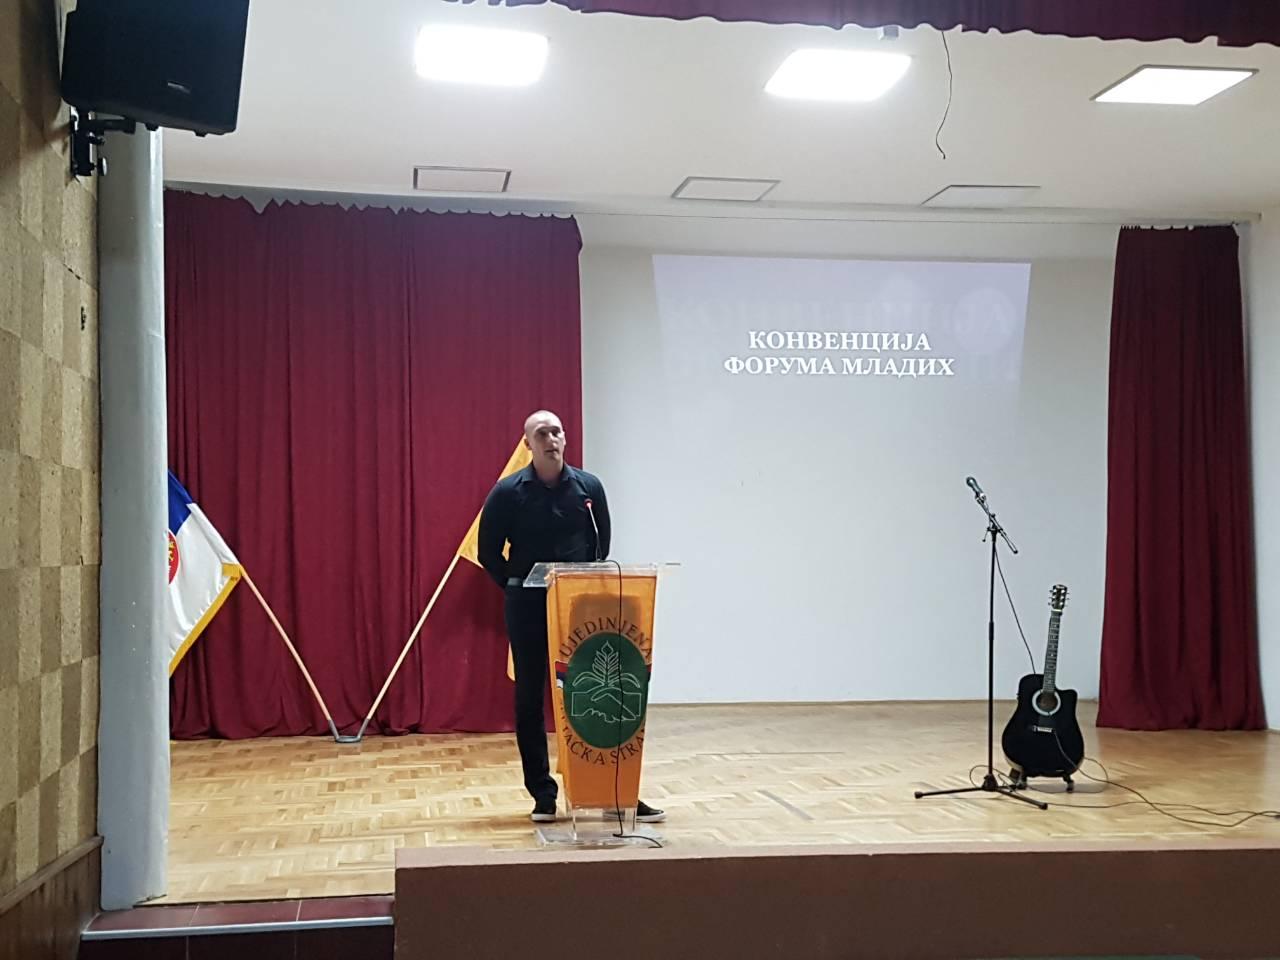 Obraćanje Nikole Petrovića na Konvenciji Foruma mladih, foto: M.M.